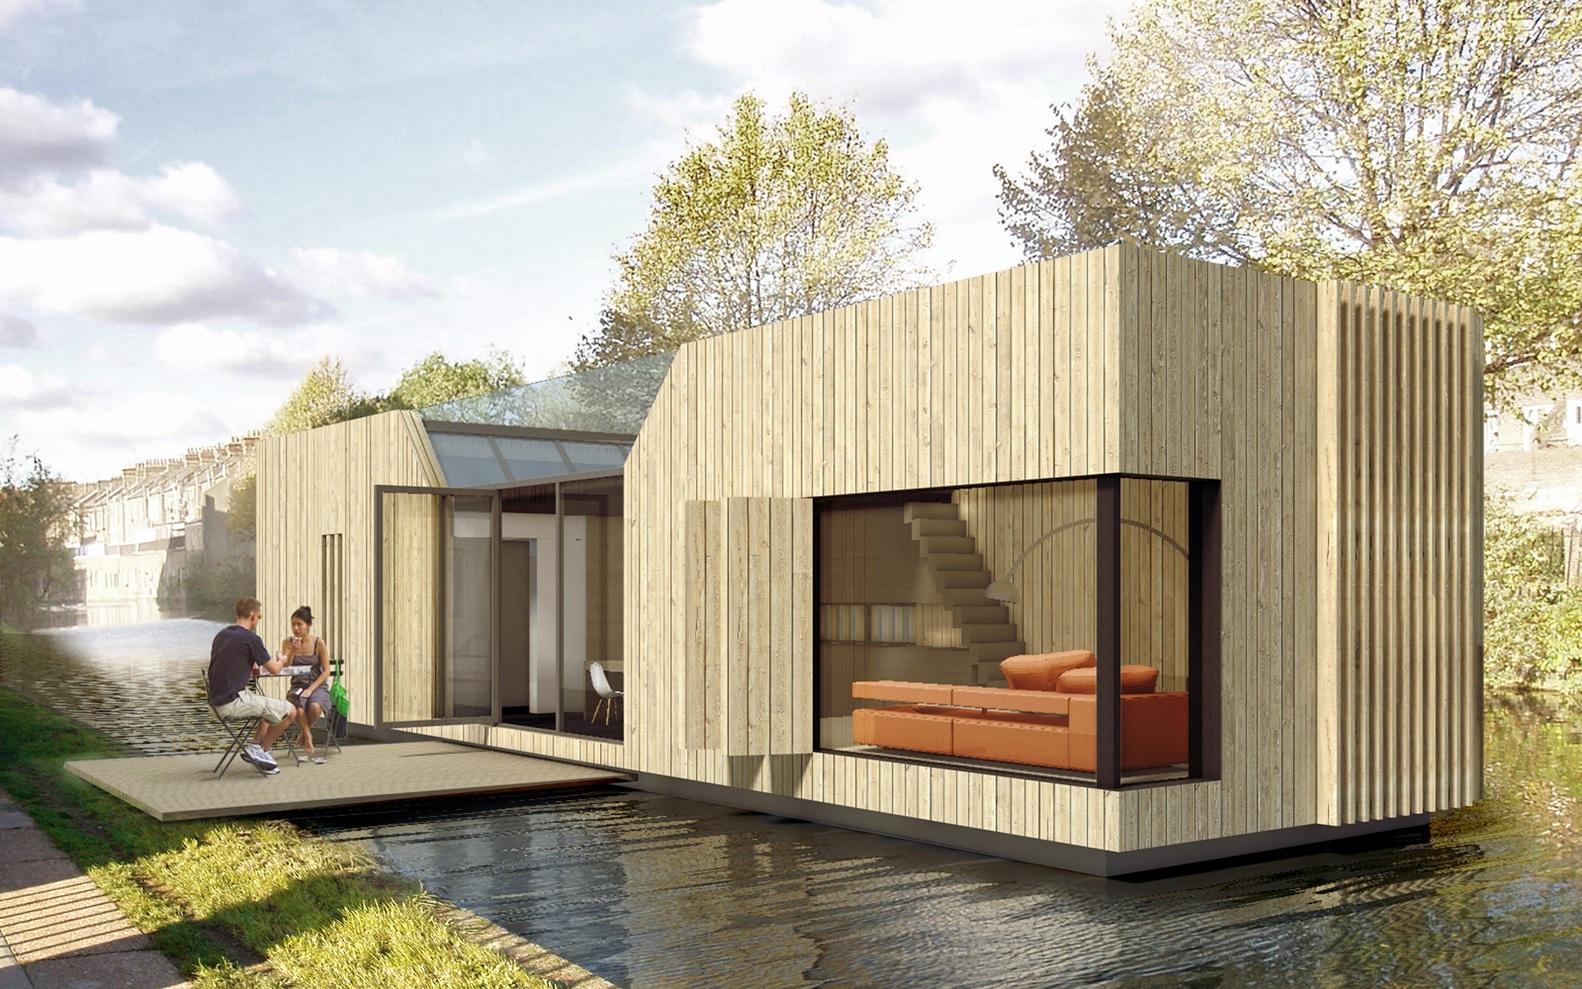 Casas prefabricadas en los canales de Londres